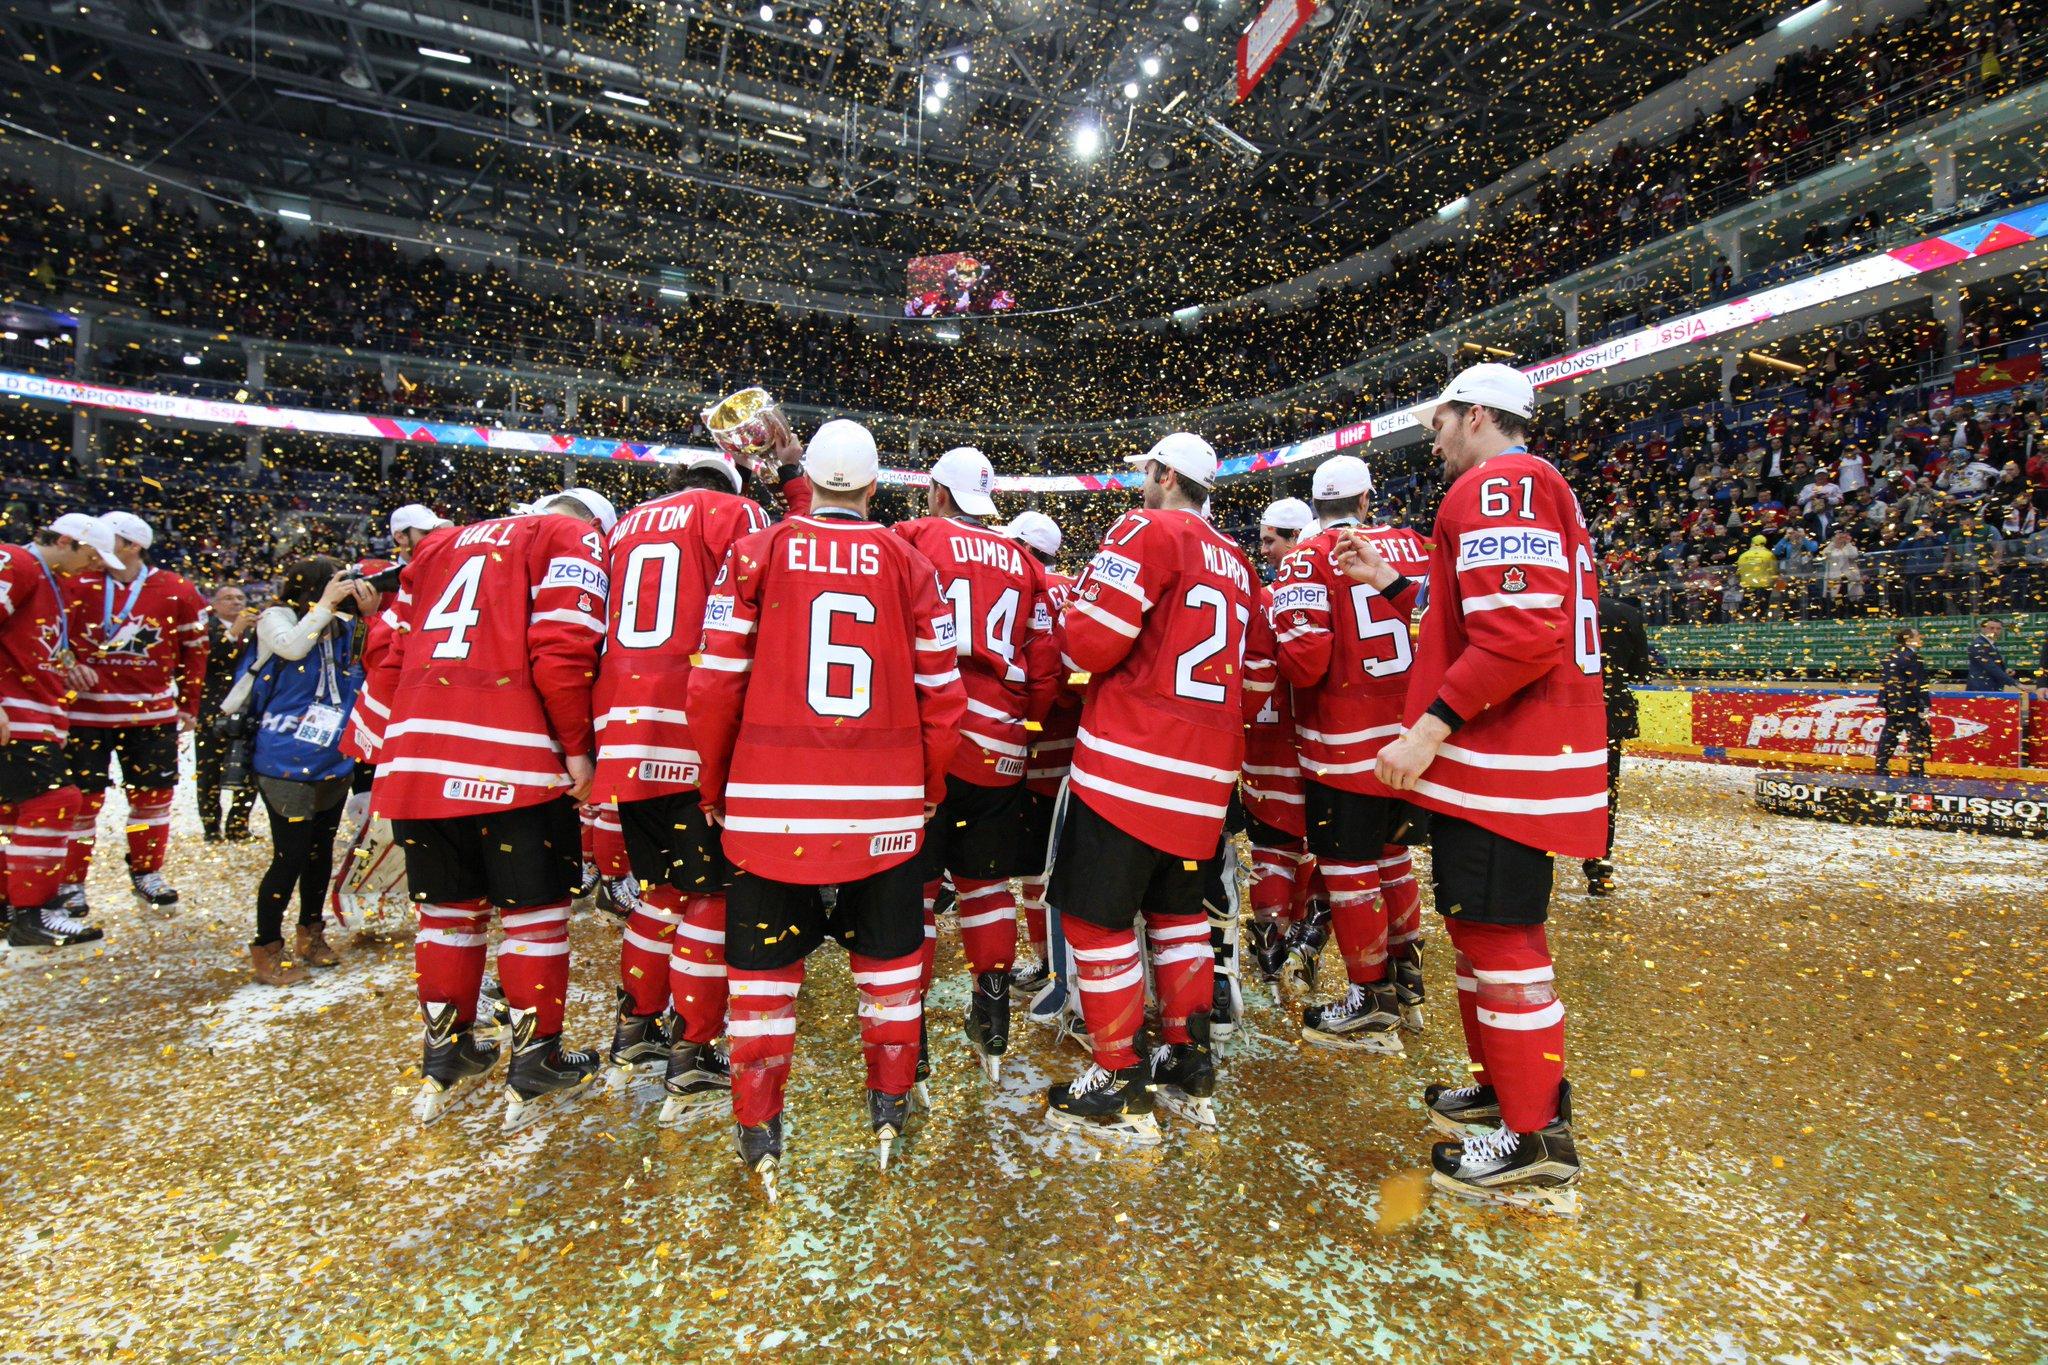 службыГазовая служба сборная канады по хоккею состав 2017 факторы